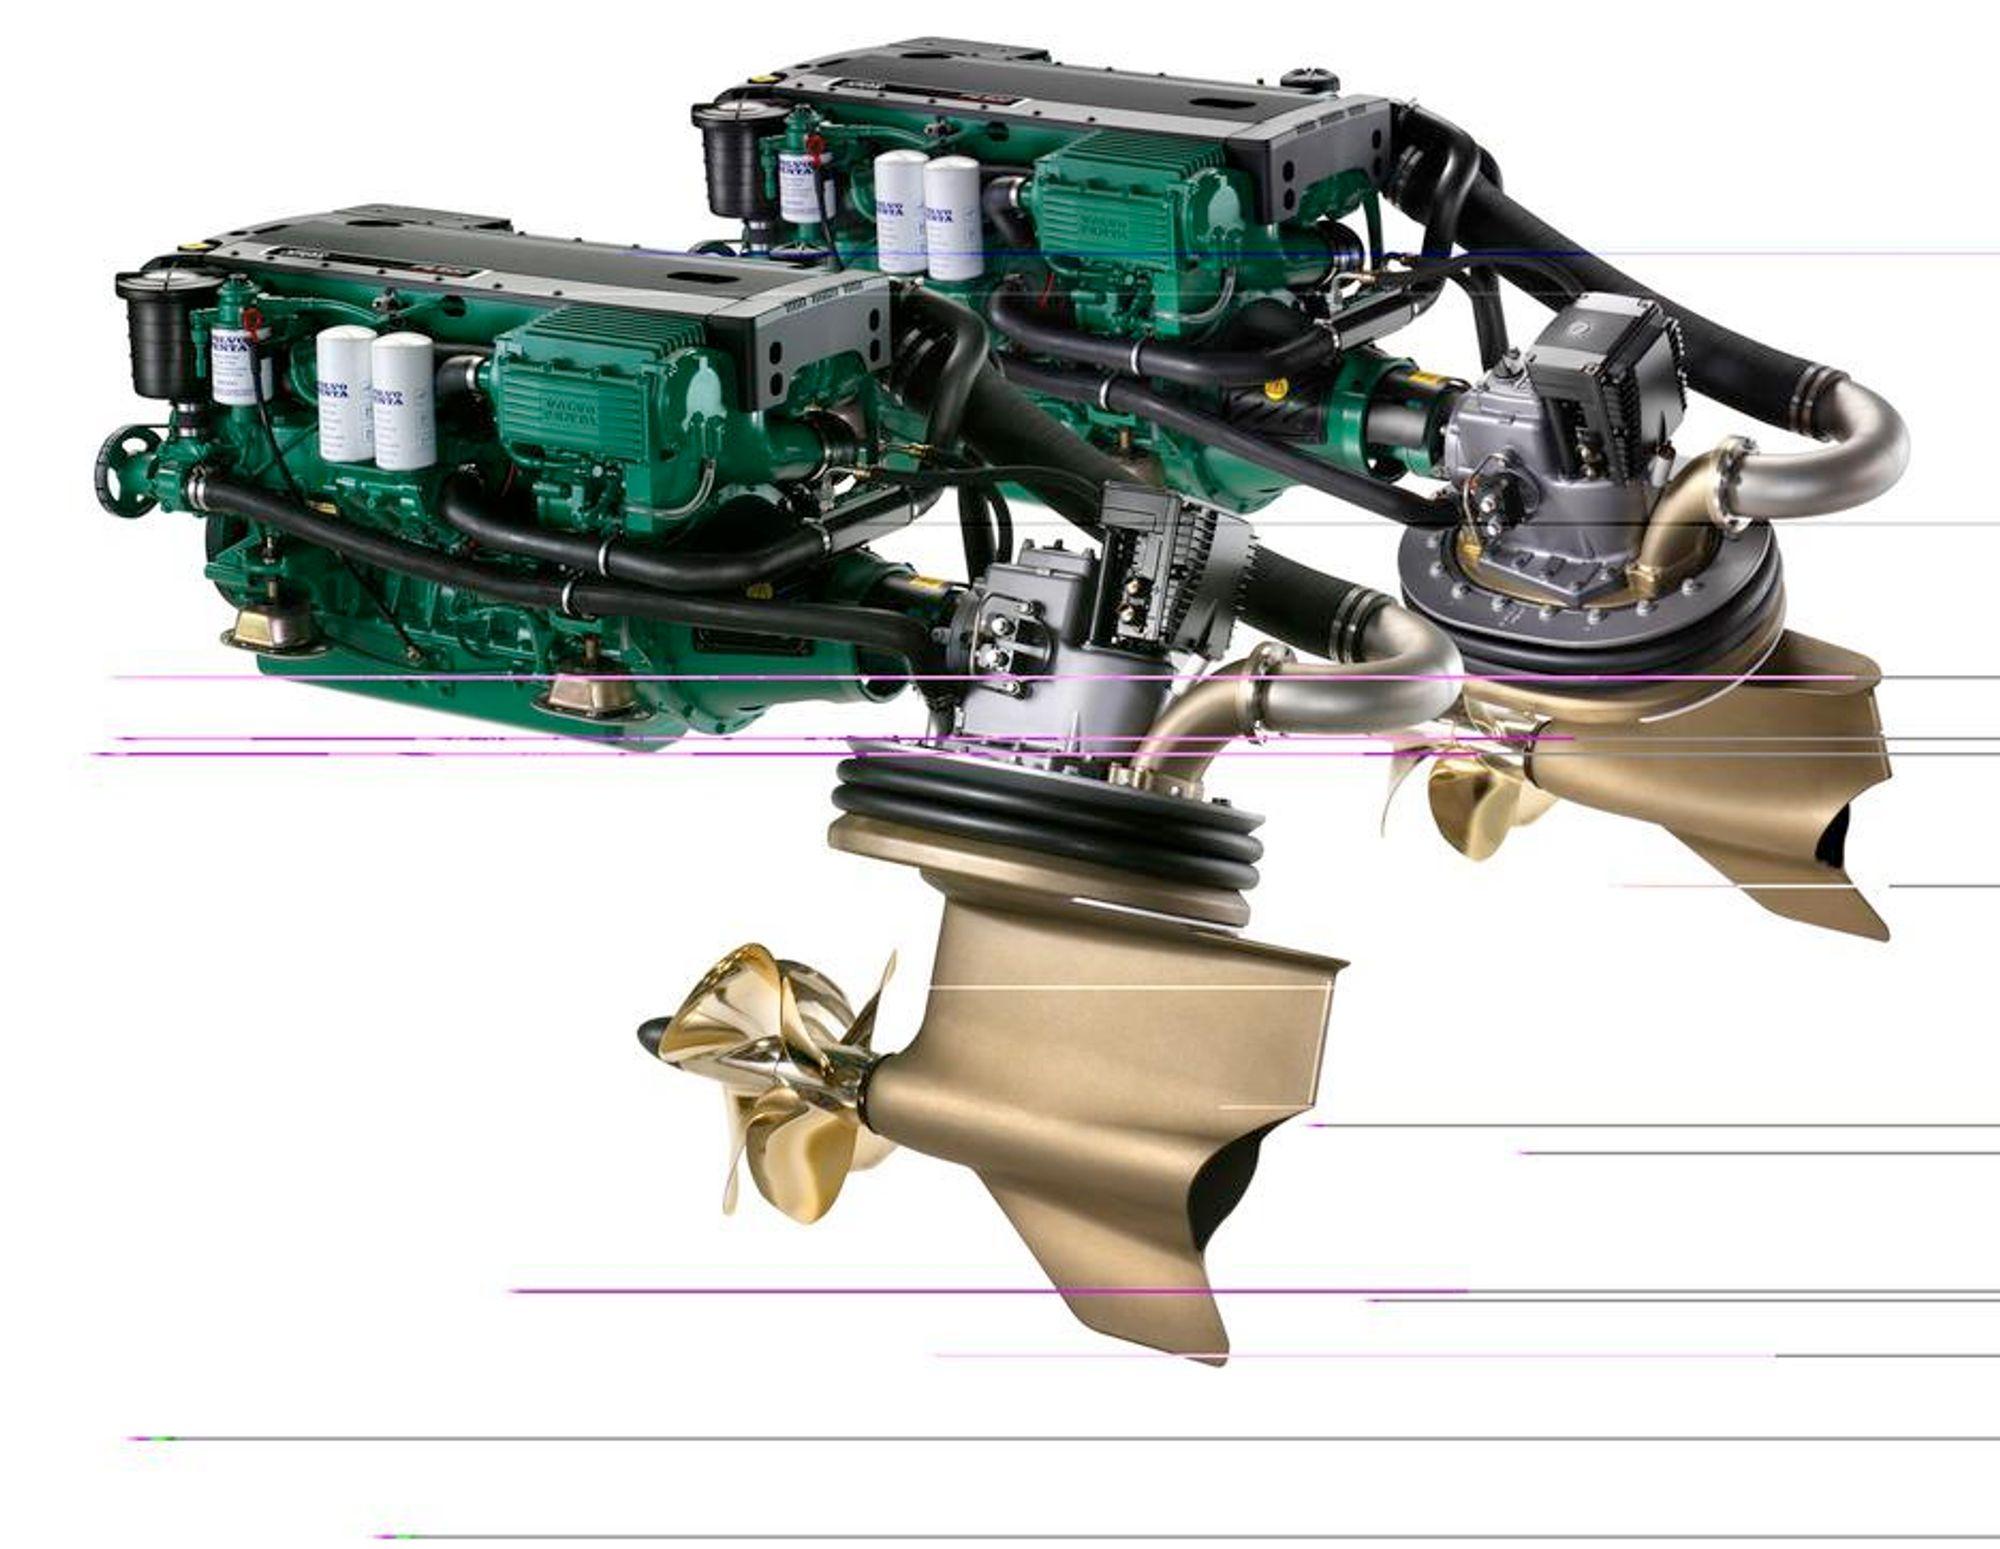 BEDRE MANØVRERING: Volvos nye drevløsning, IPS, gir bedre styre og manøvreringsegenskaper. ILL: VOLVO